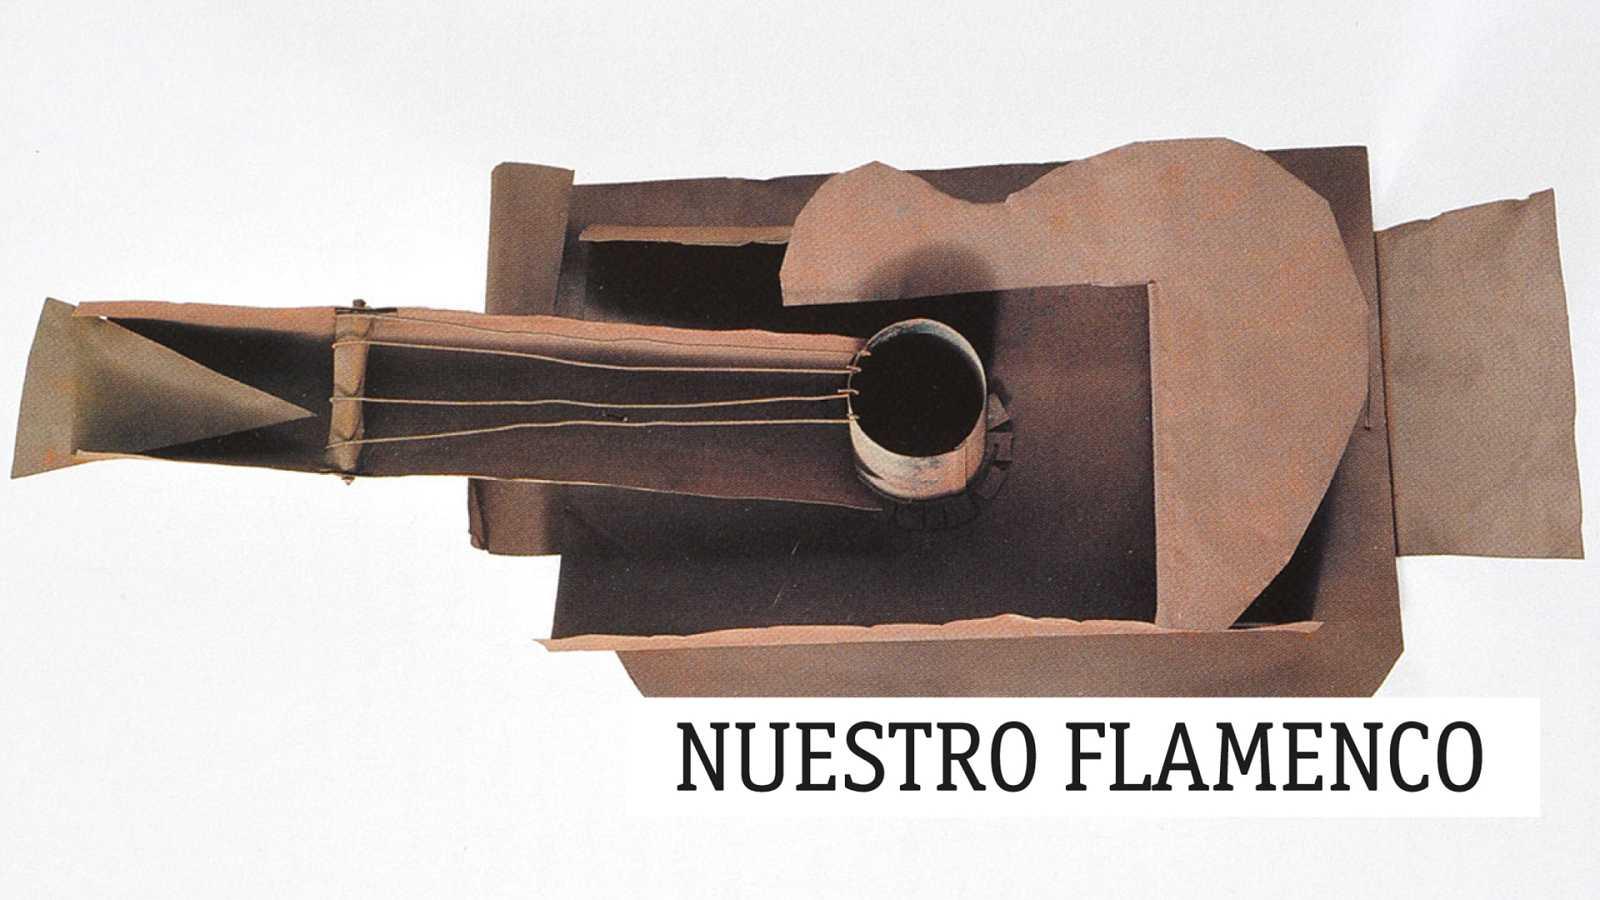 Nuestro flamenco - El maestro José Luis Balao - 24/03/20 ¿ escuchar ahora